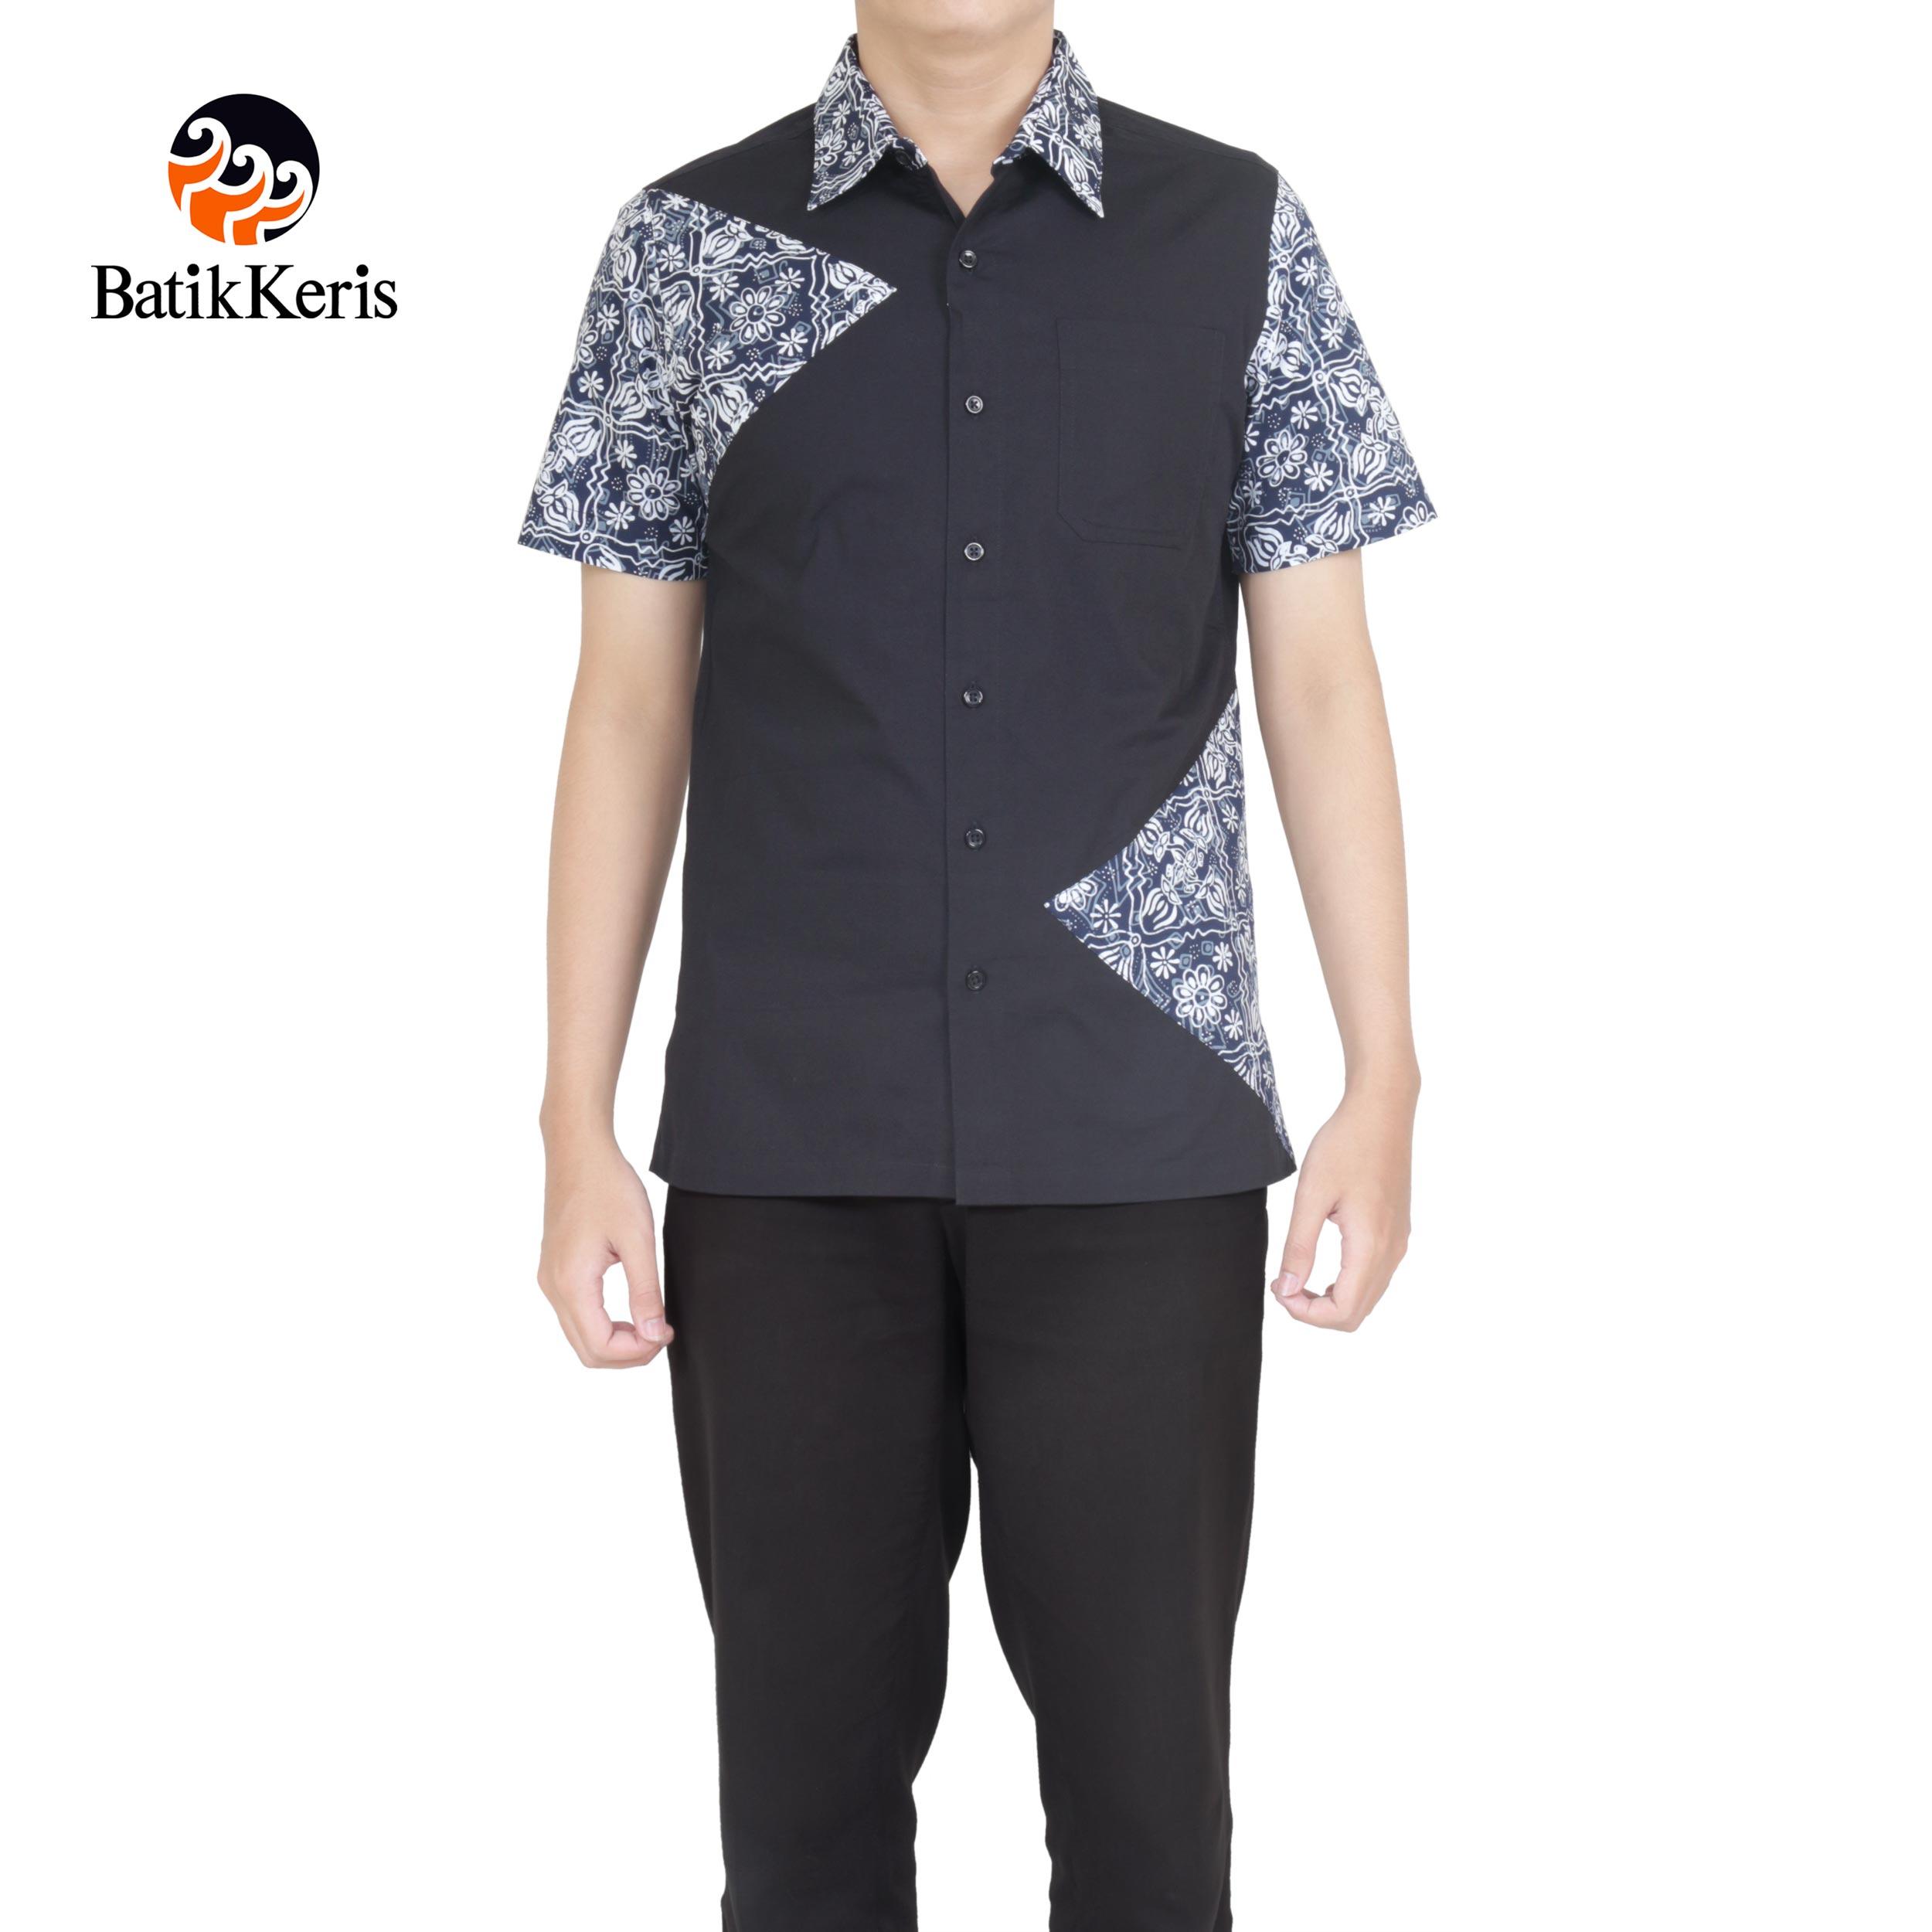 76 Desain Kemeja Polos Kombinasi Batik